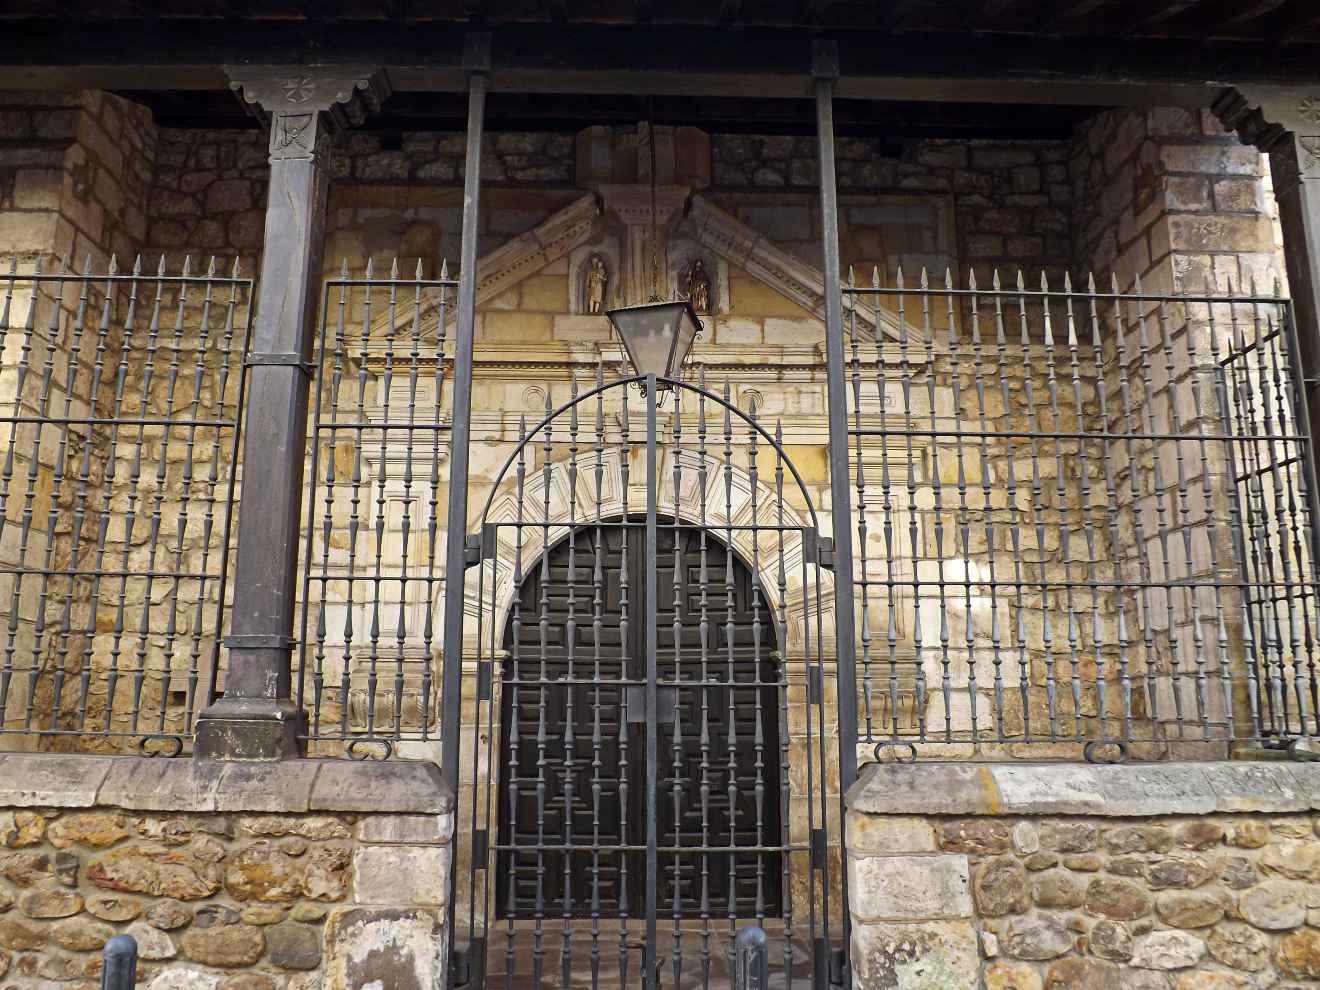 Detalle de la iglesia de Cabezón de la Sal